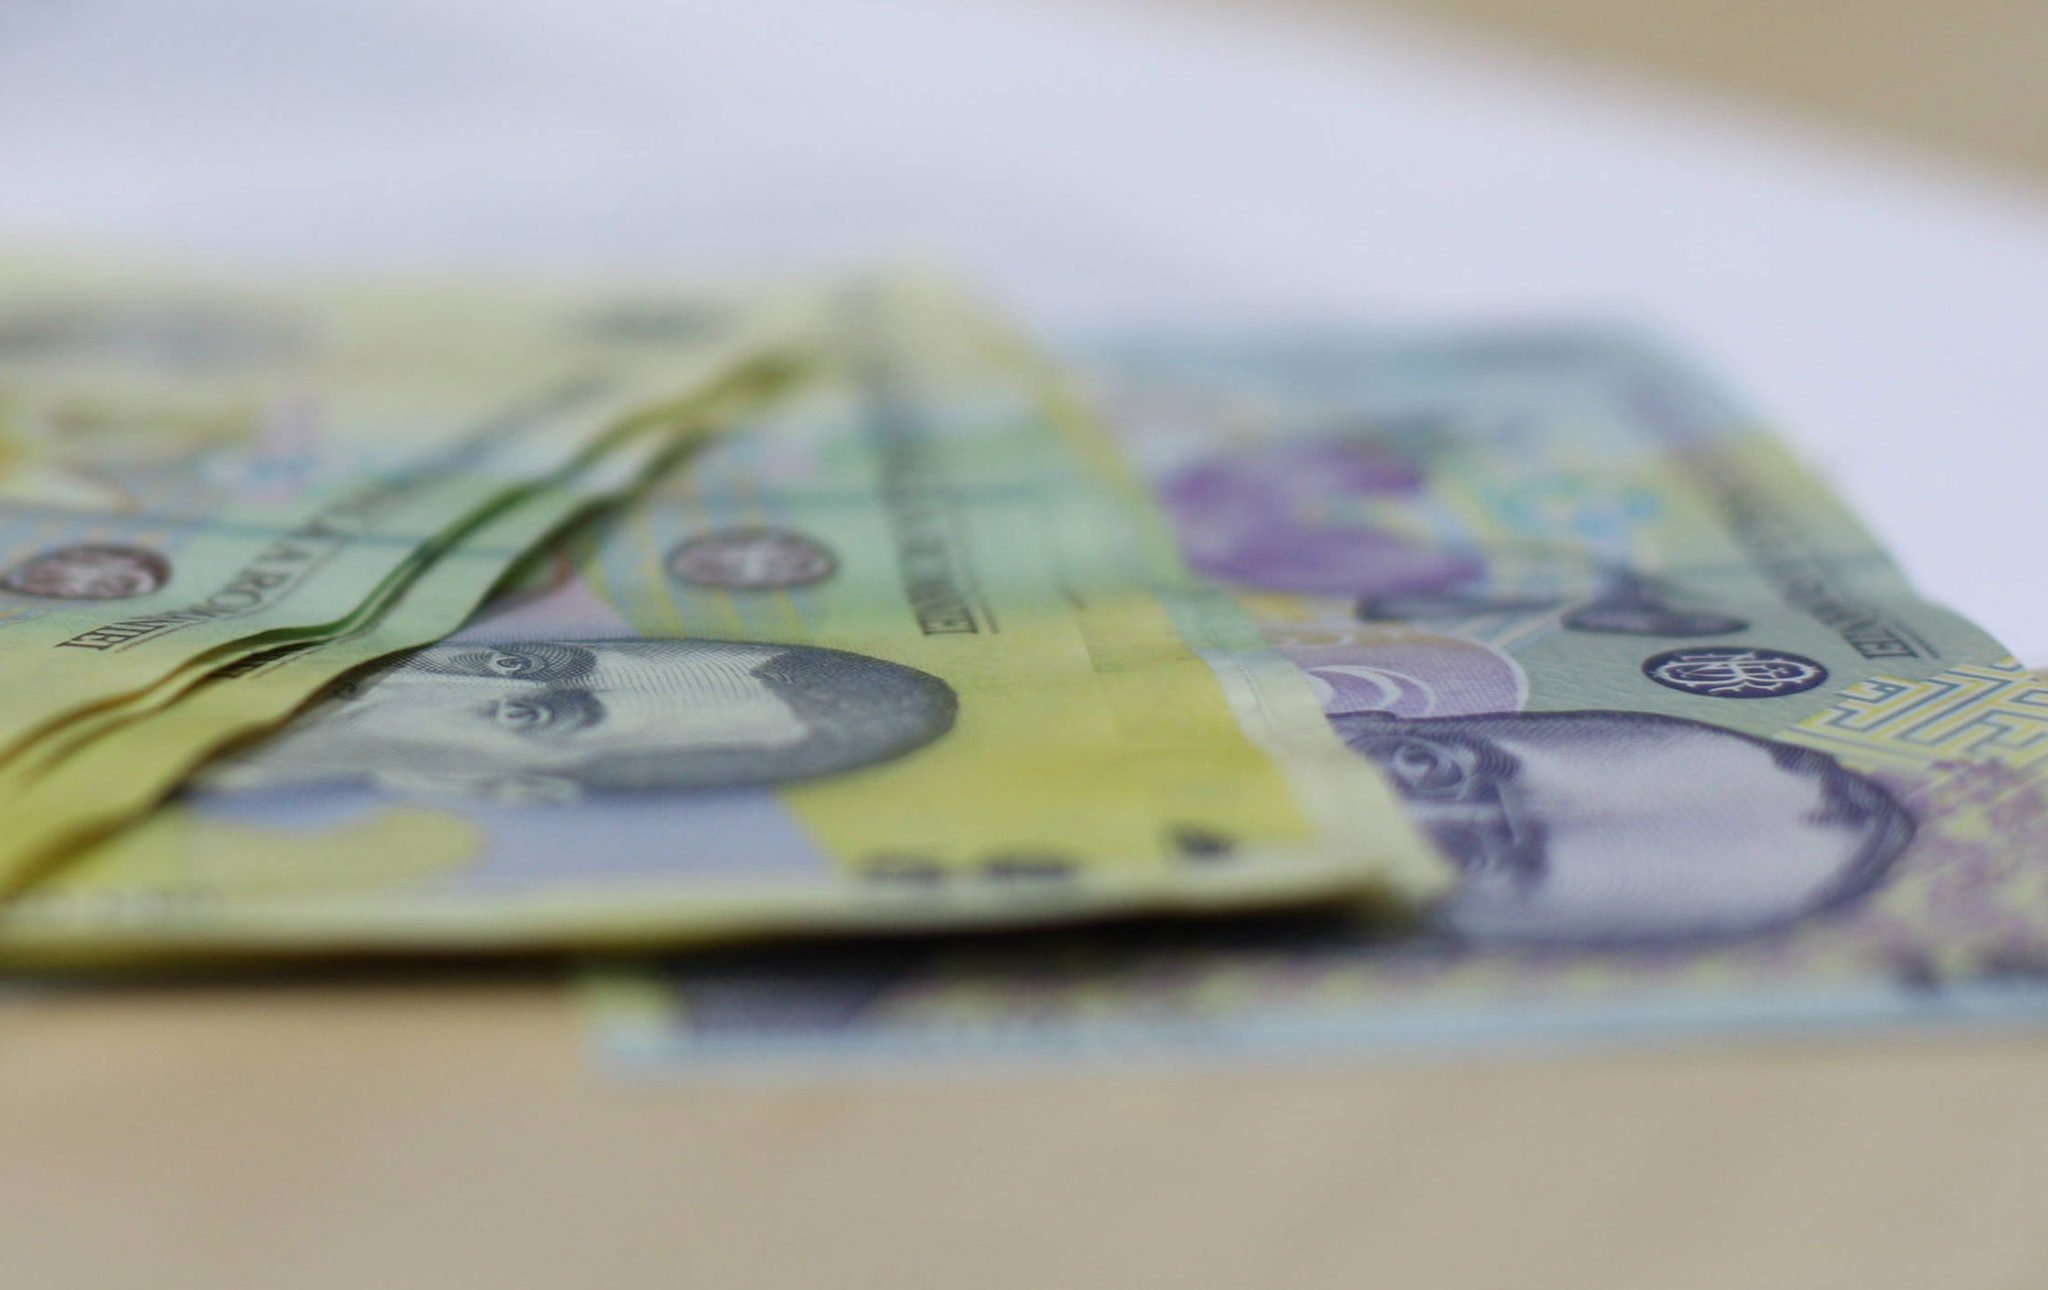 Ministerul Finanțelor Publice continuă și în octombrie emisiunile de titluri de stat pentru populație